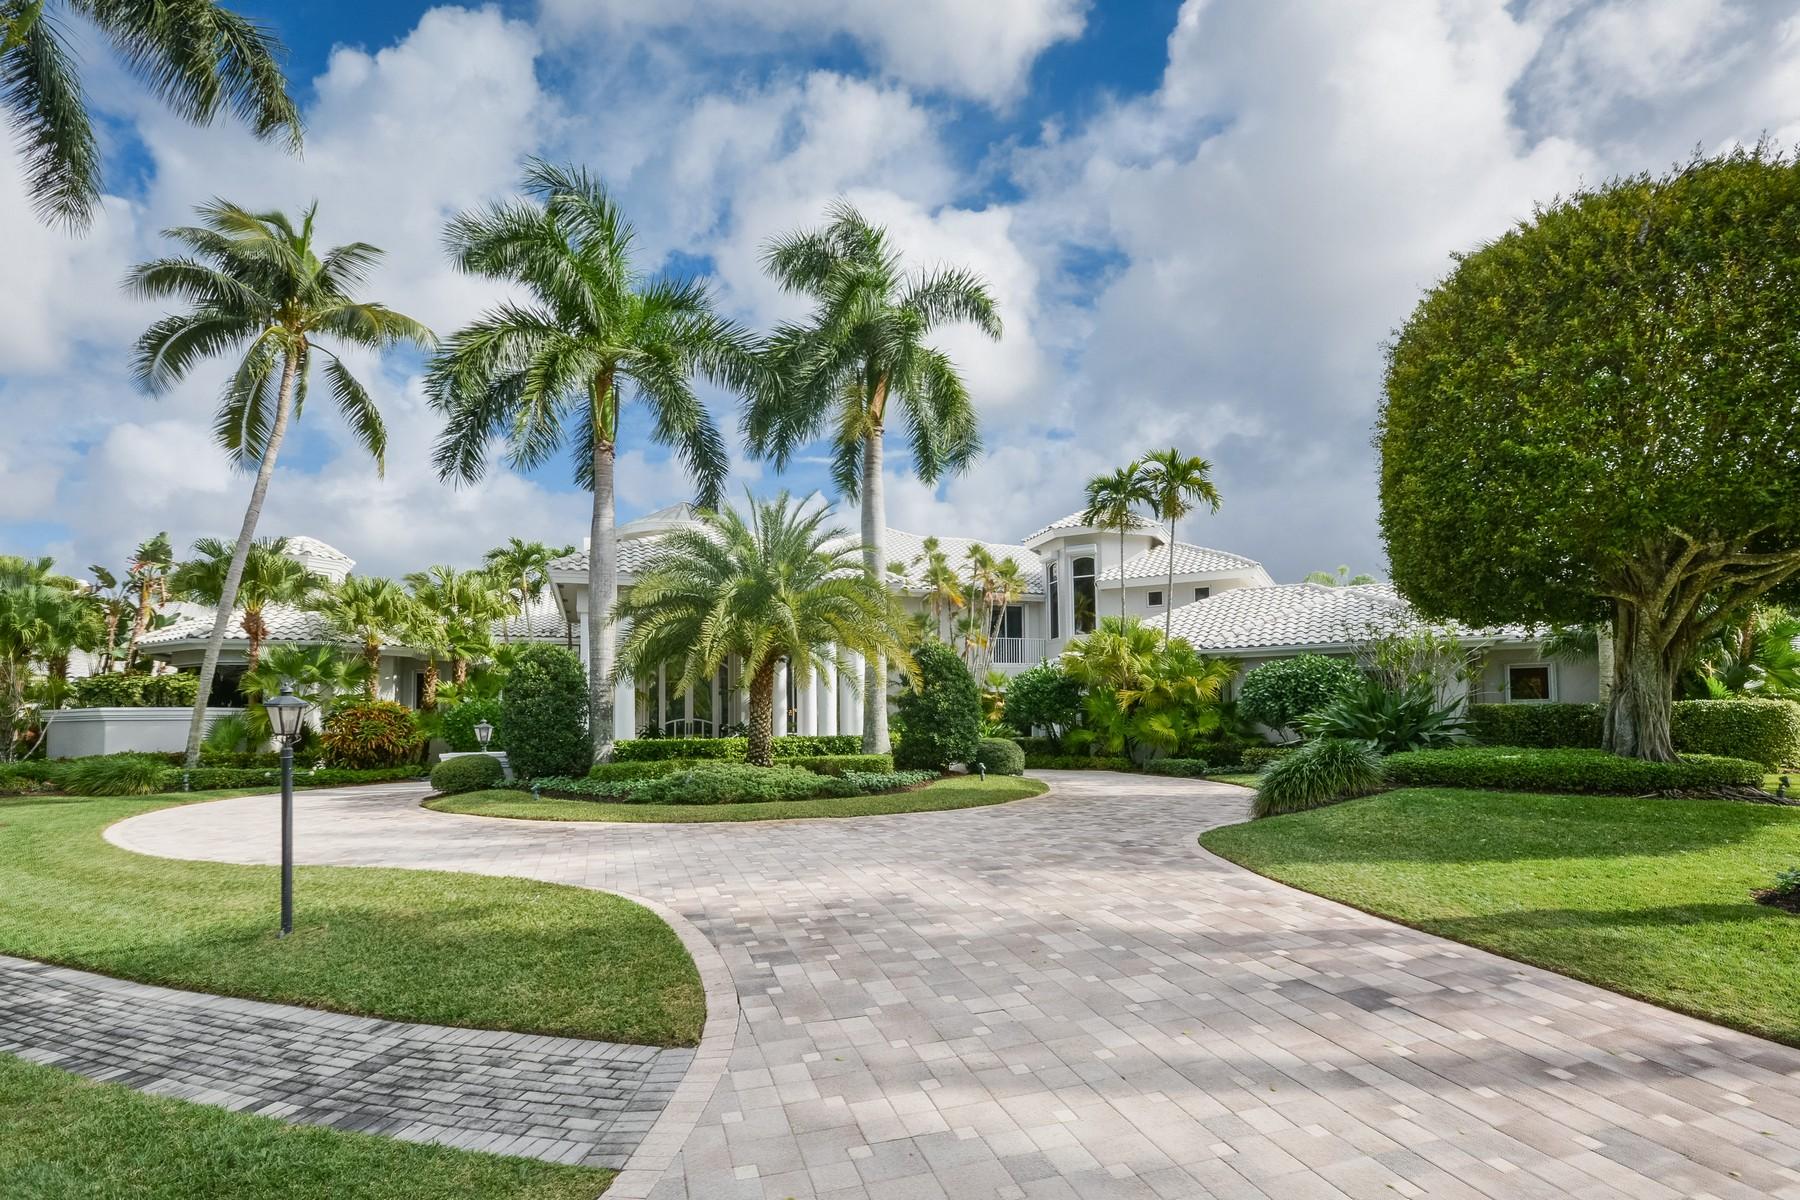 Nhà ở một gia đình vì Bán tại 17726 Lake Estates Dr , Boca Raton, FL 33496 17726 Lake Estates Dr Boca Raton, Florida, 33496 Hoa Kỳ